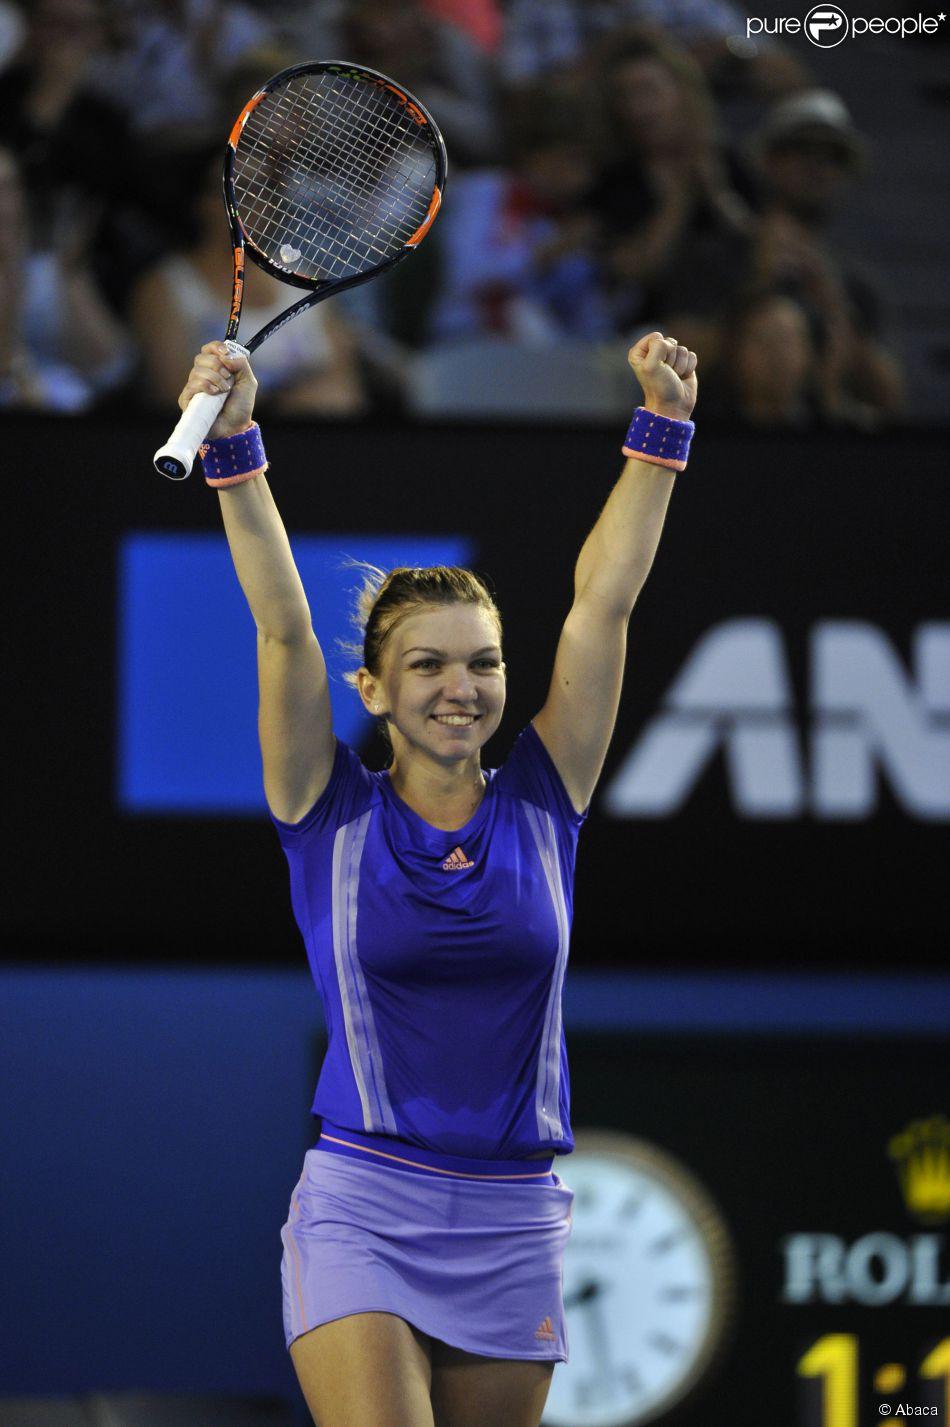 Simona Halep à l'Open d'Australie, Melbourne, le 25 janvier 2015.